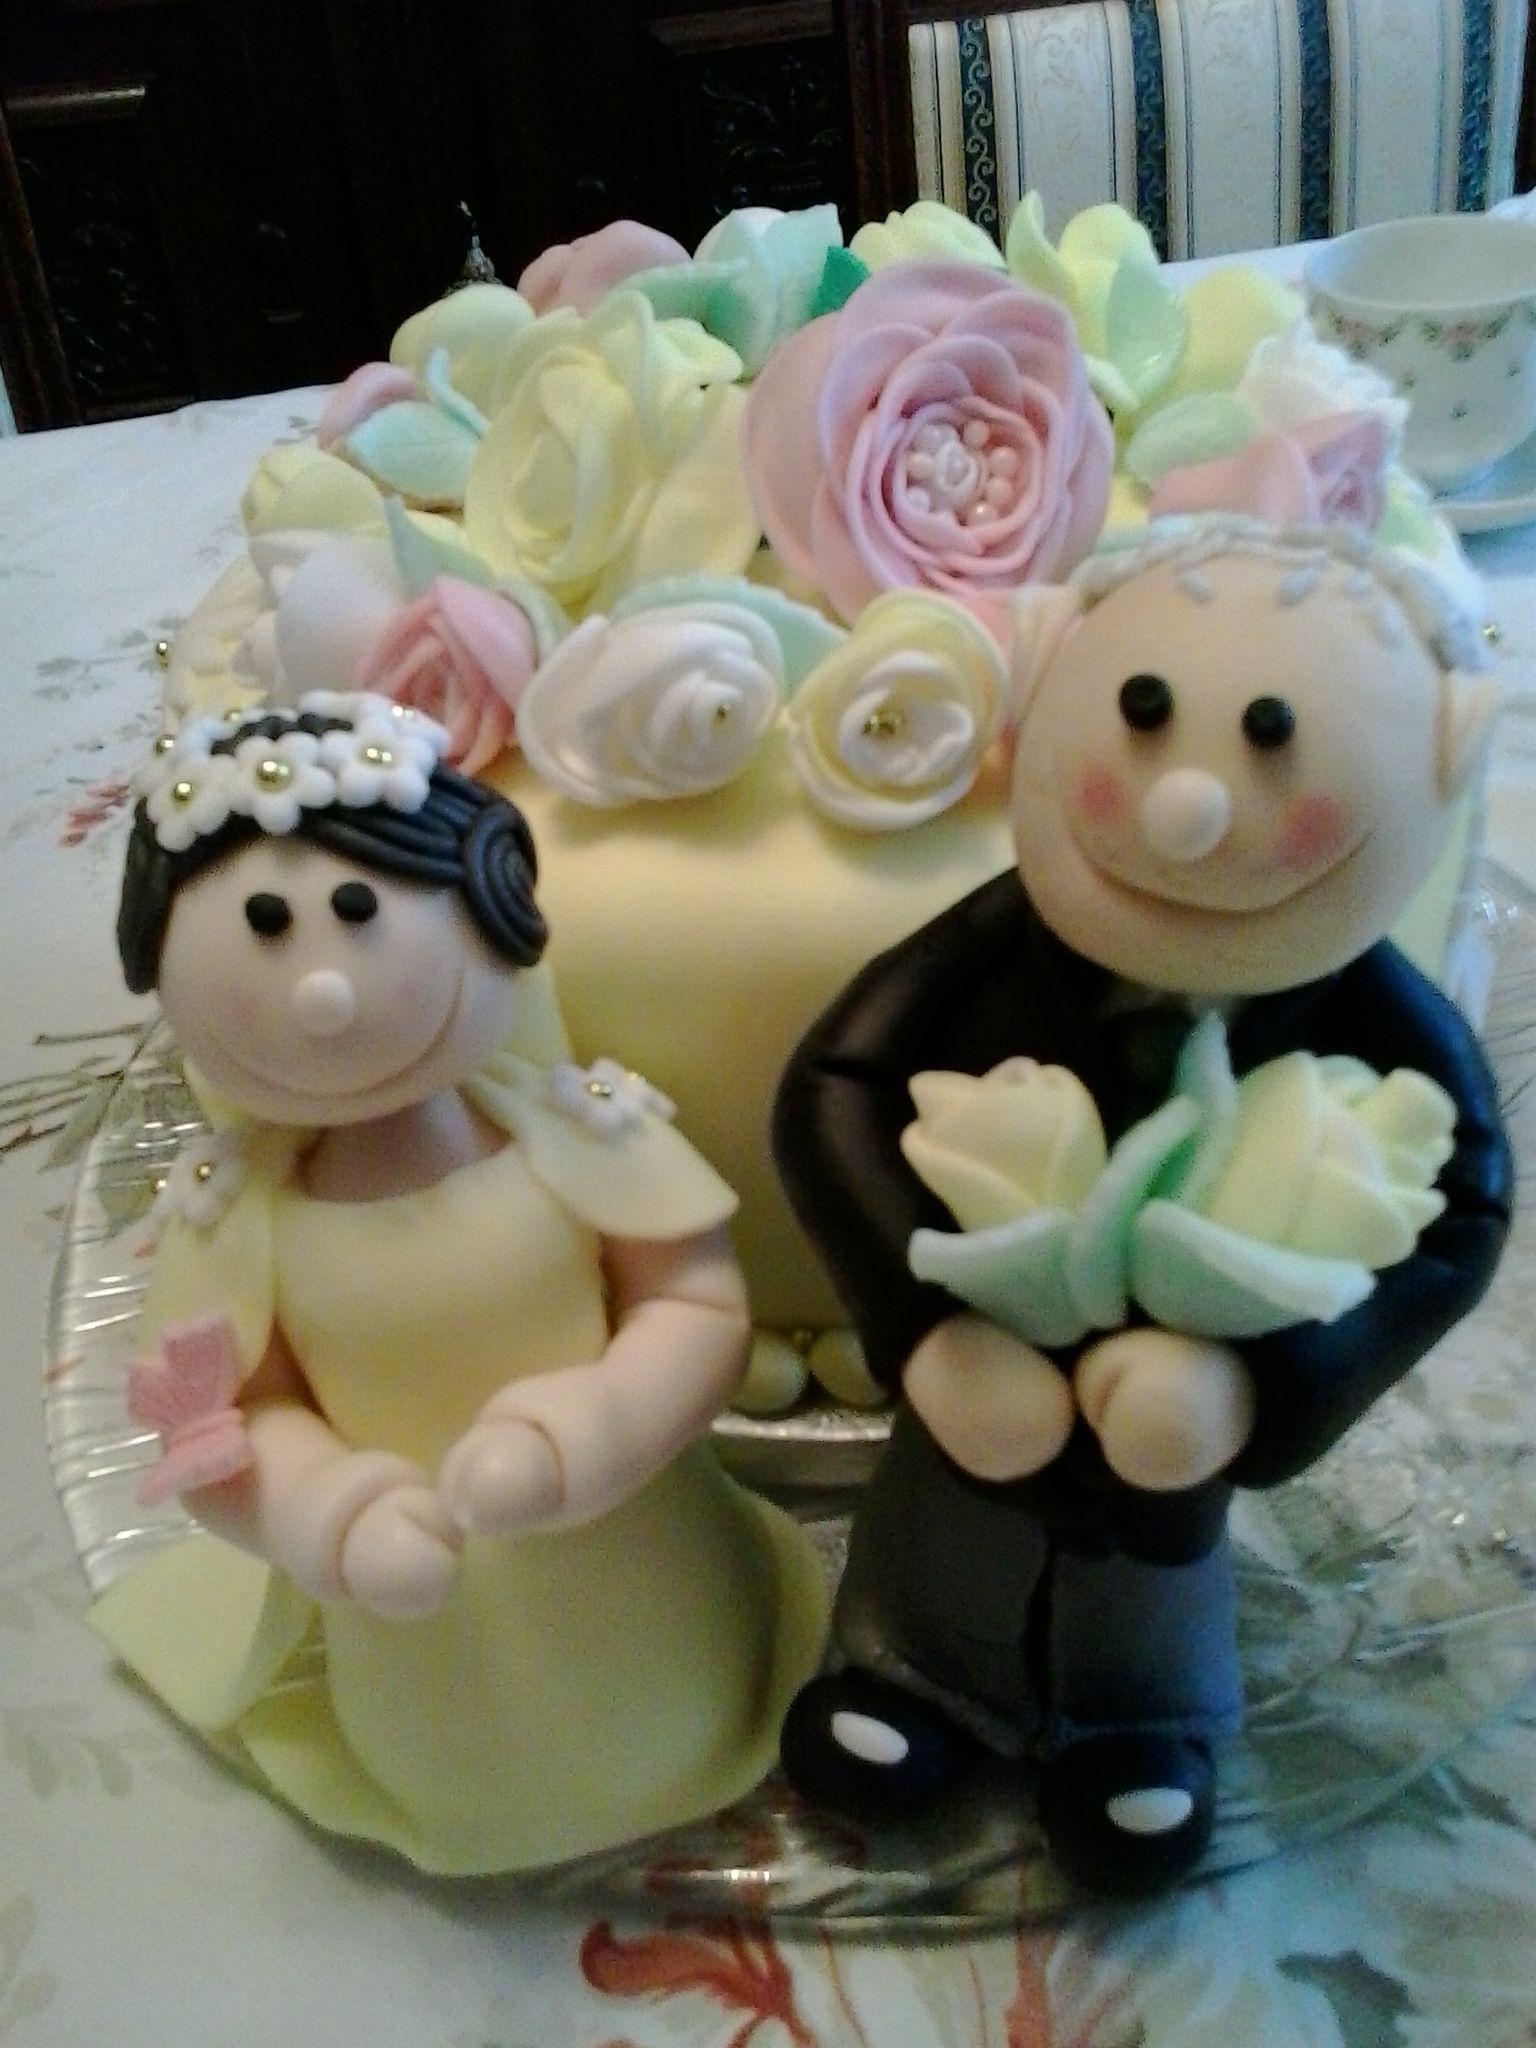 Die besten 25 55 hochzeitstag ideen auf pinterest save the date wedding personalisierte - Ideen hochzeitstag ...